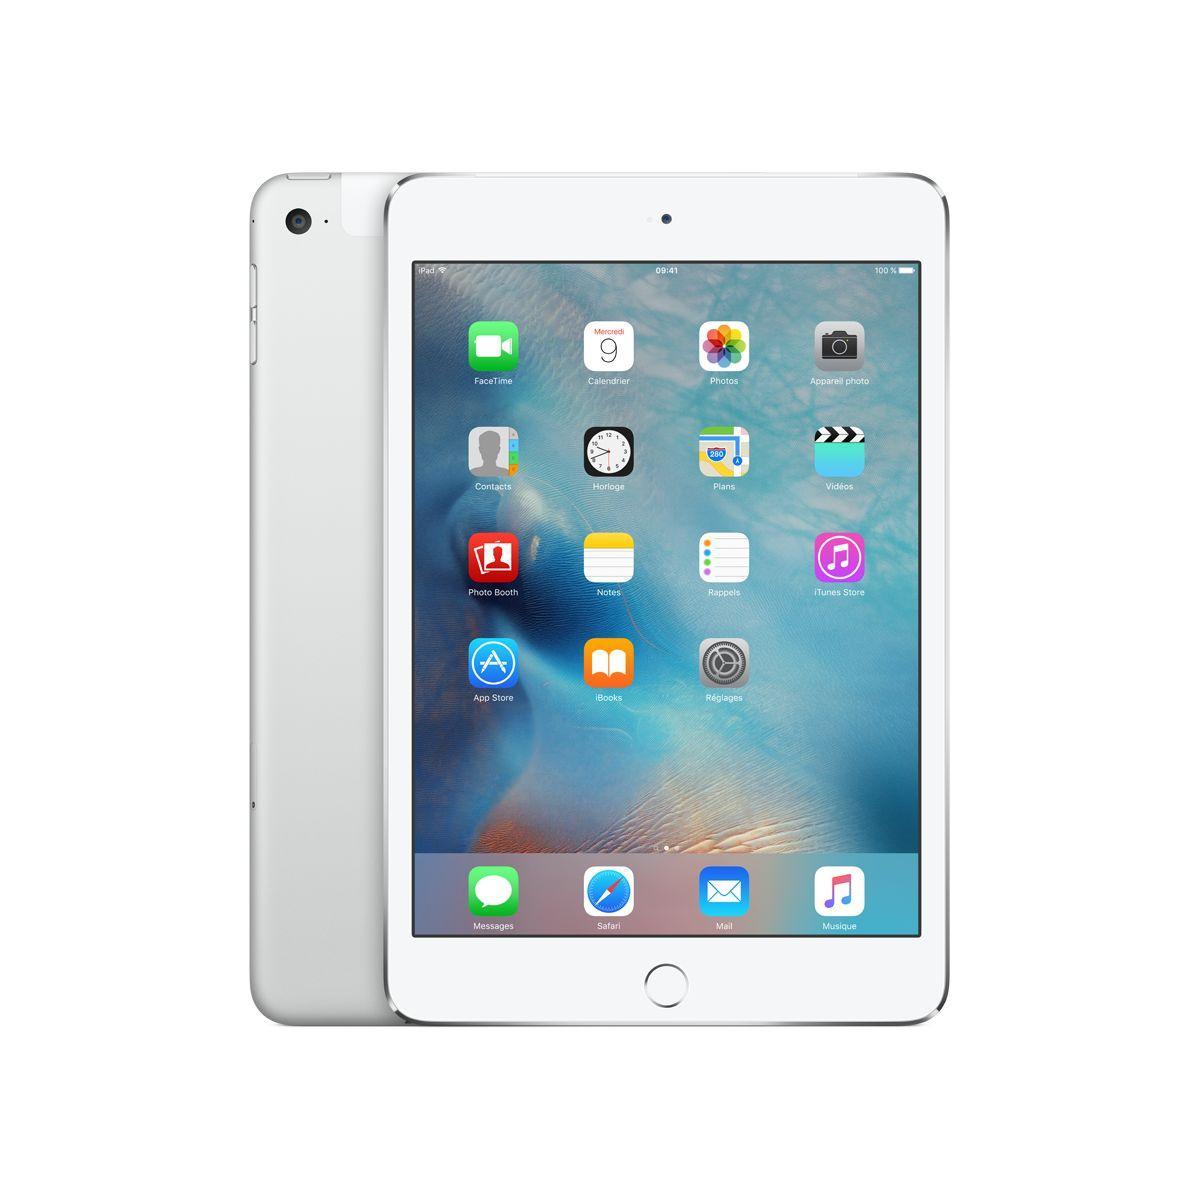 Apple ipad mini 4 128go cellular argent - livraison offerte : code livrelais (photo)